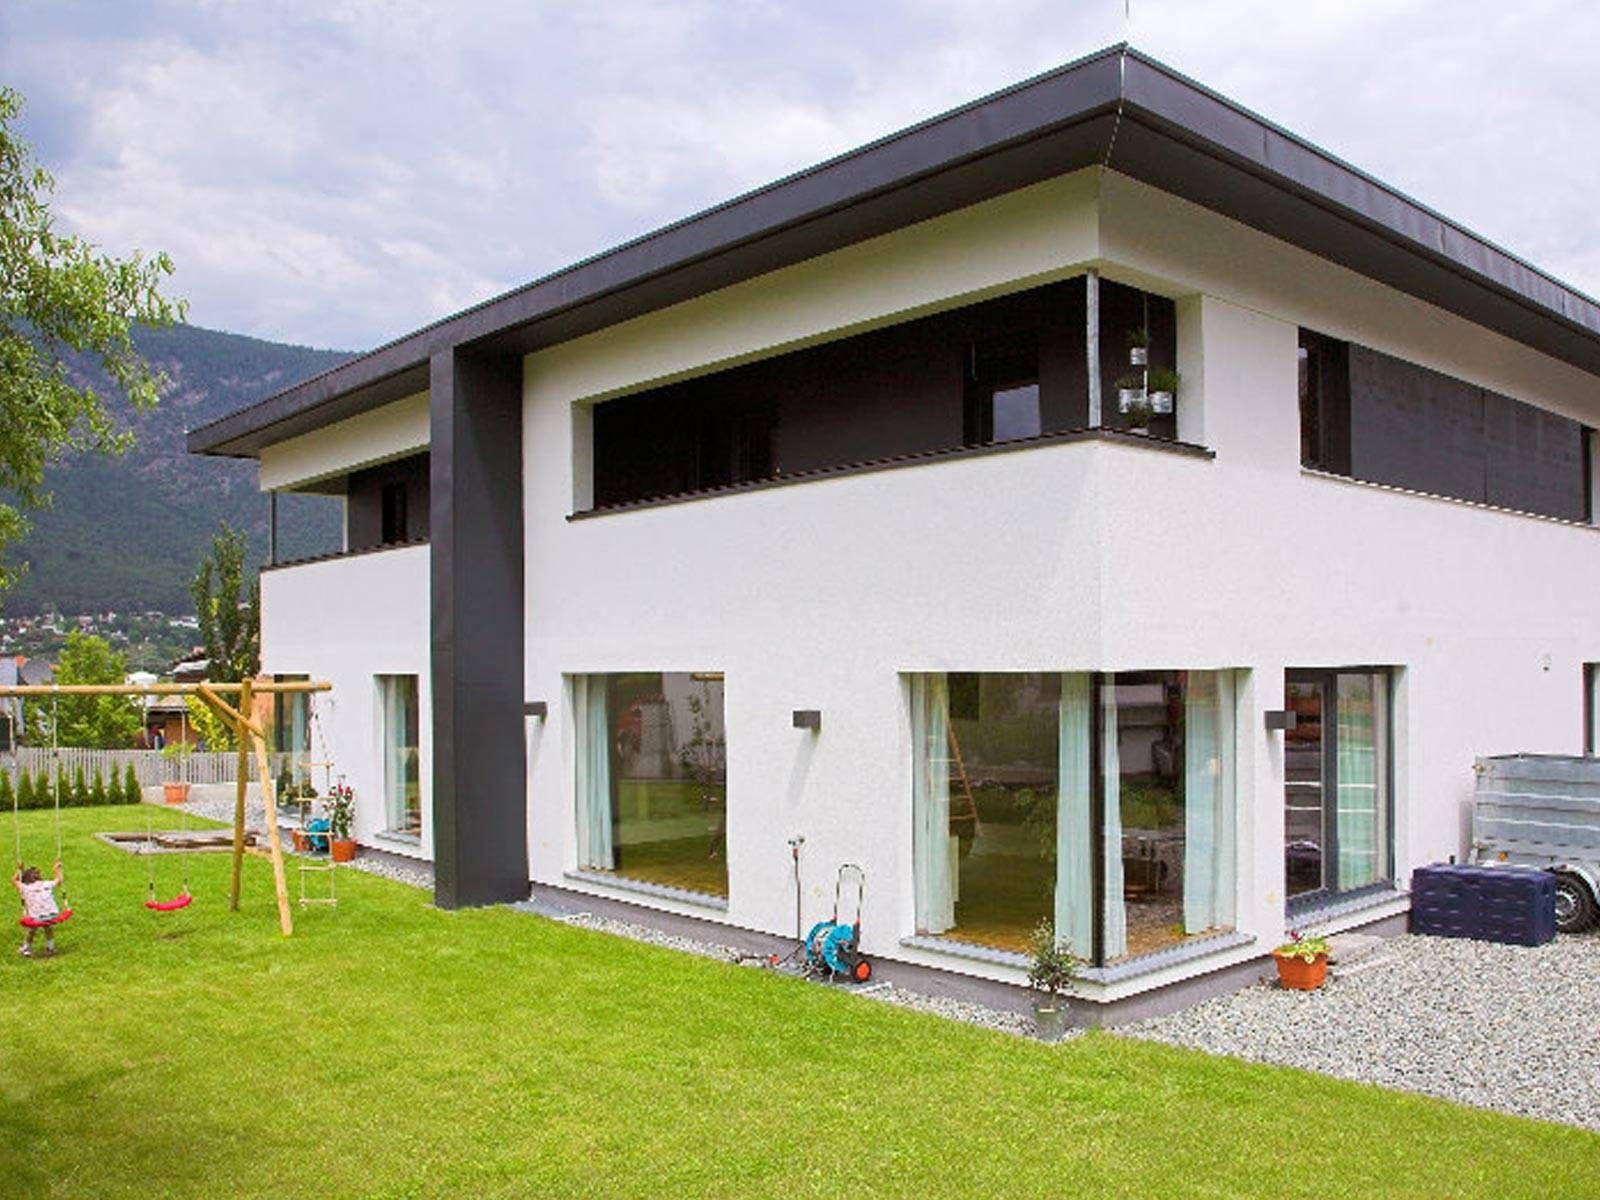 fassadengestaltung modern pultdach. Black Bedroom Furniture Sets. Home Design Ideas